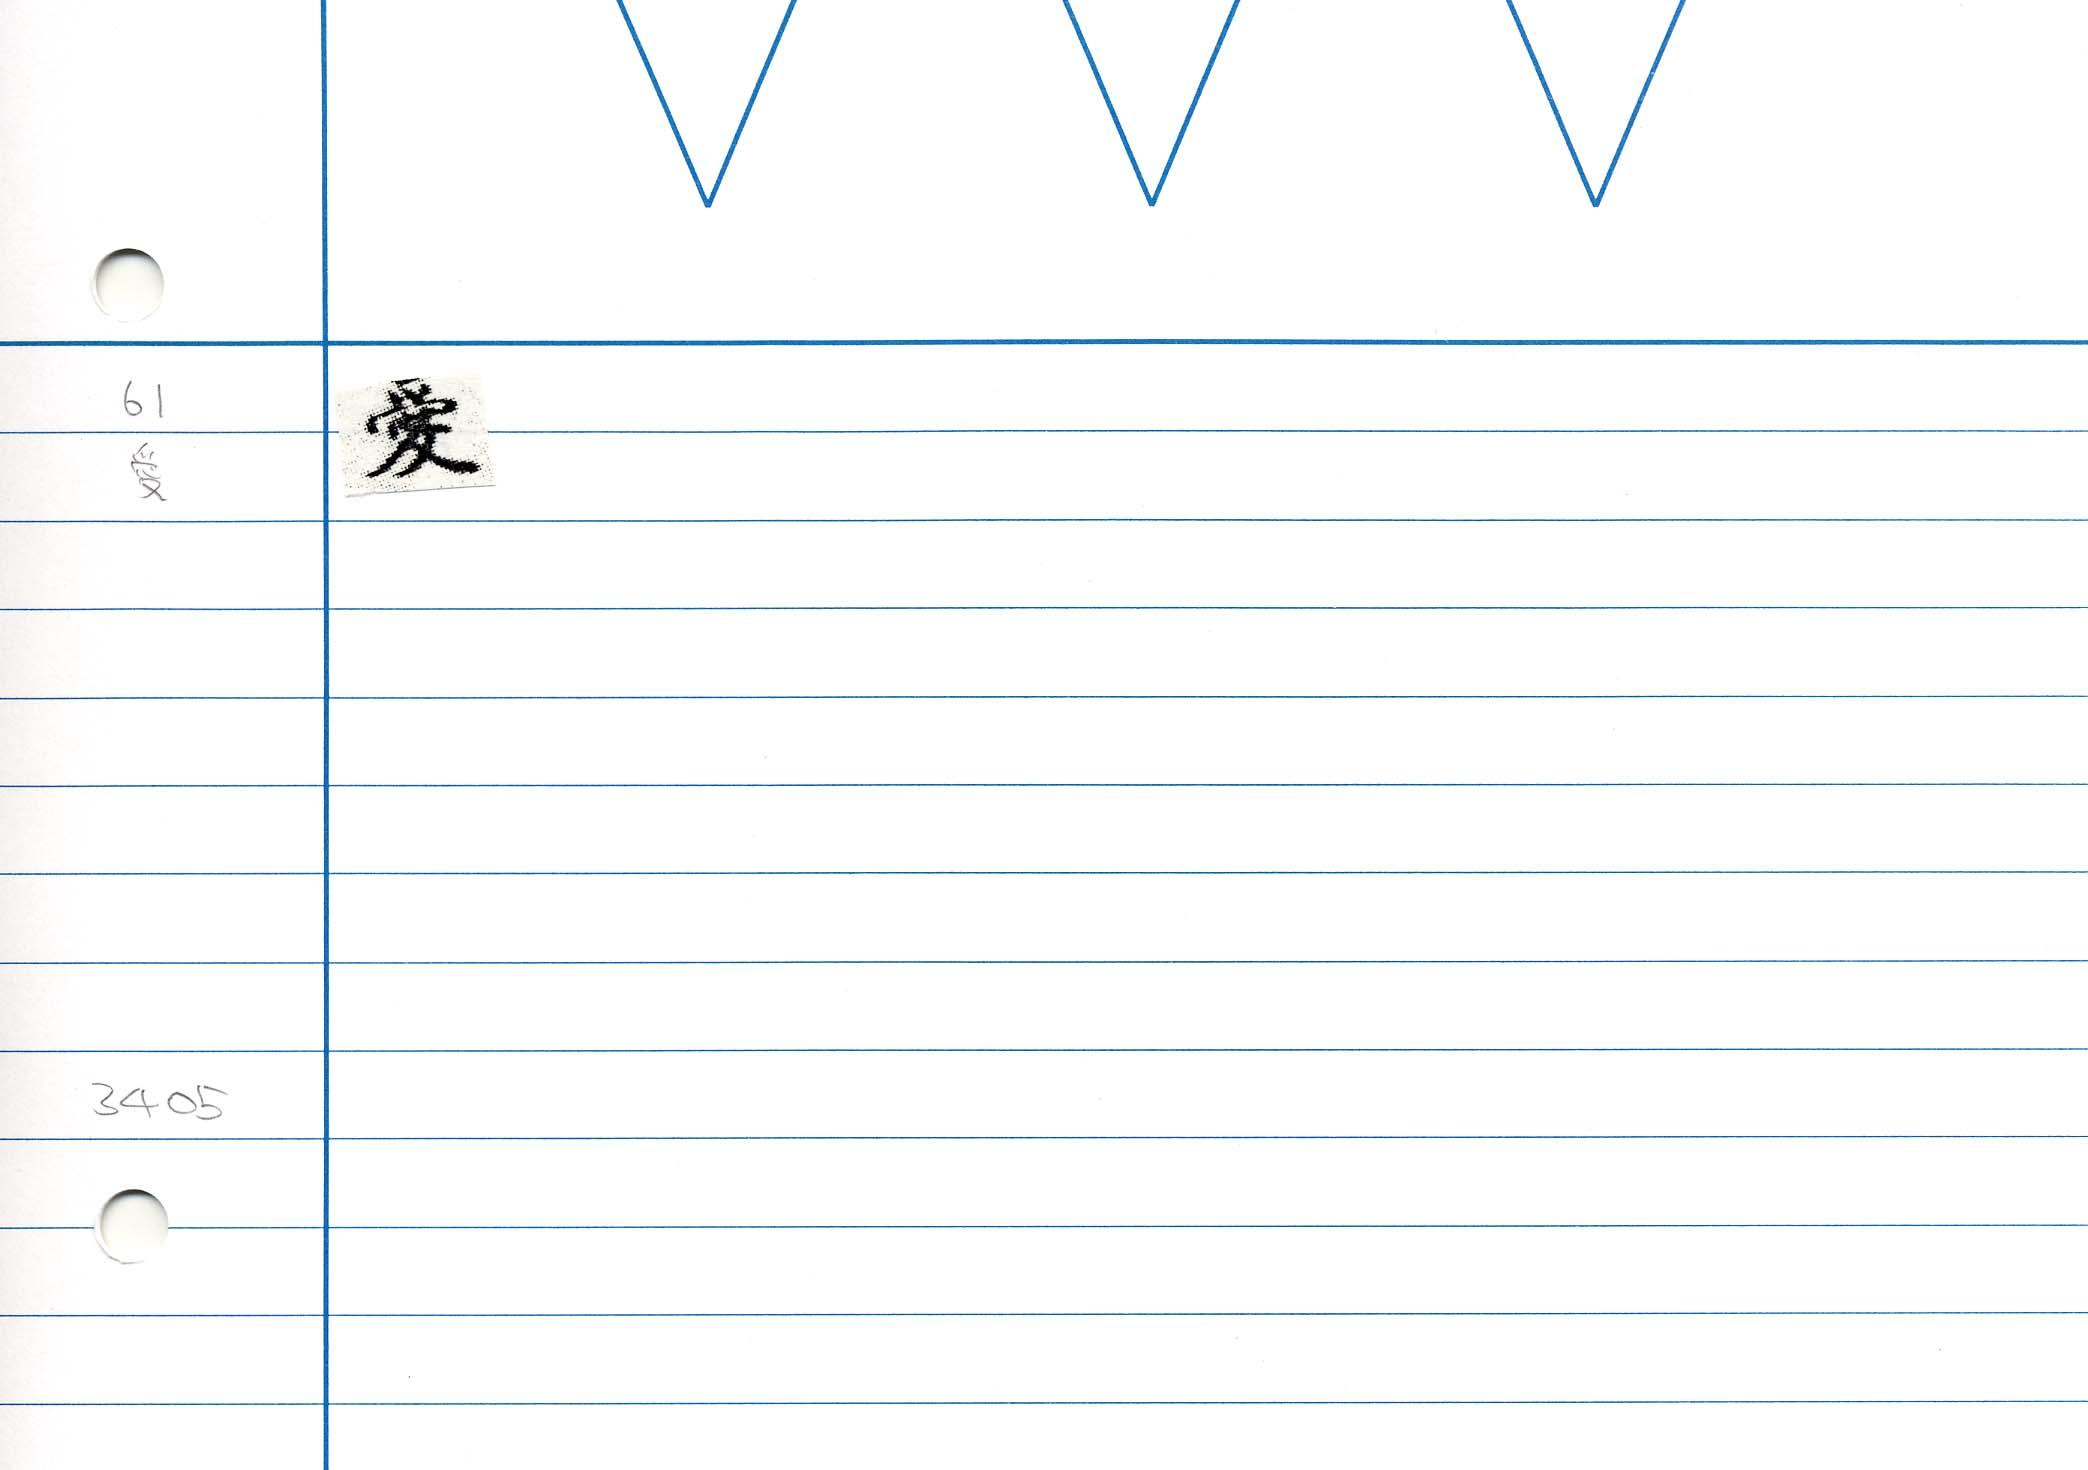 12_妙法蓮華經卷六(P.2195)/cards/0069.jpg